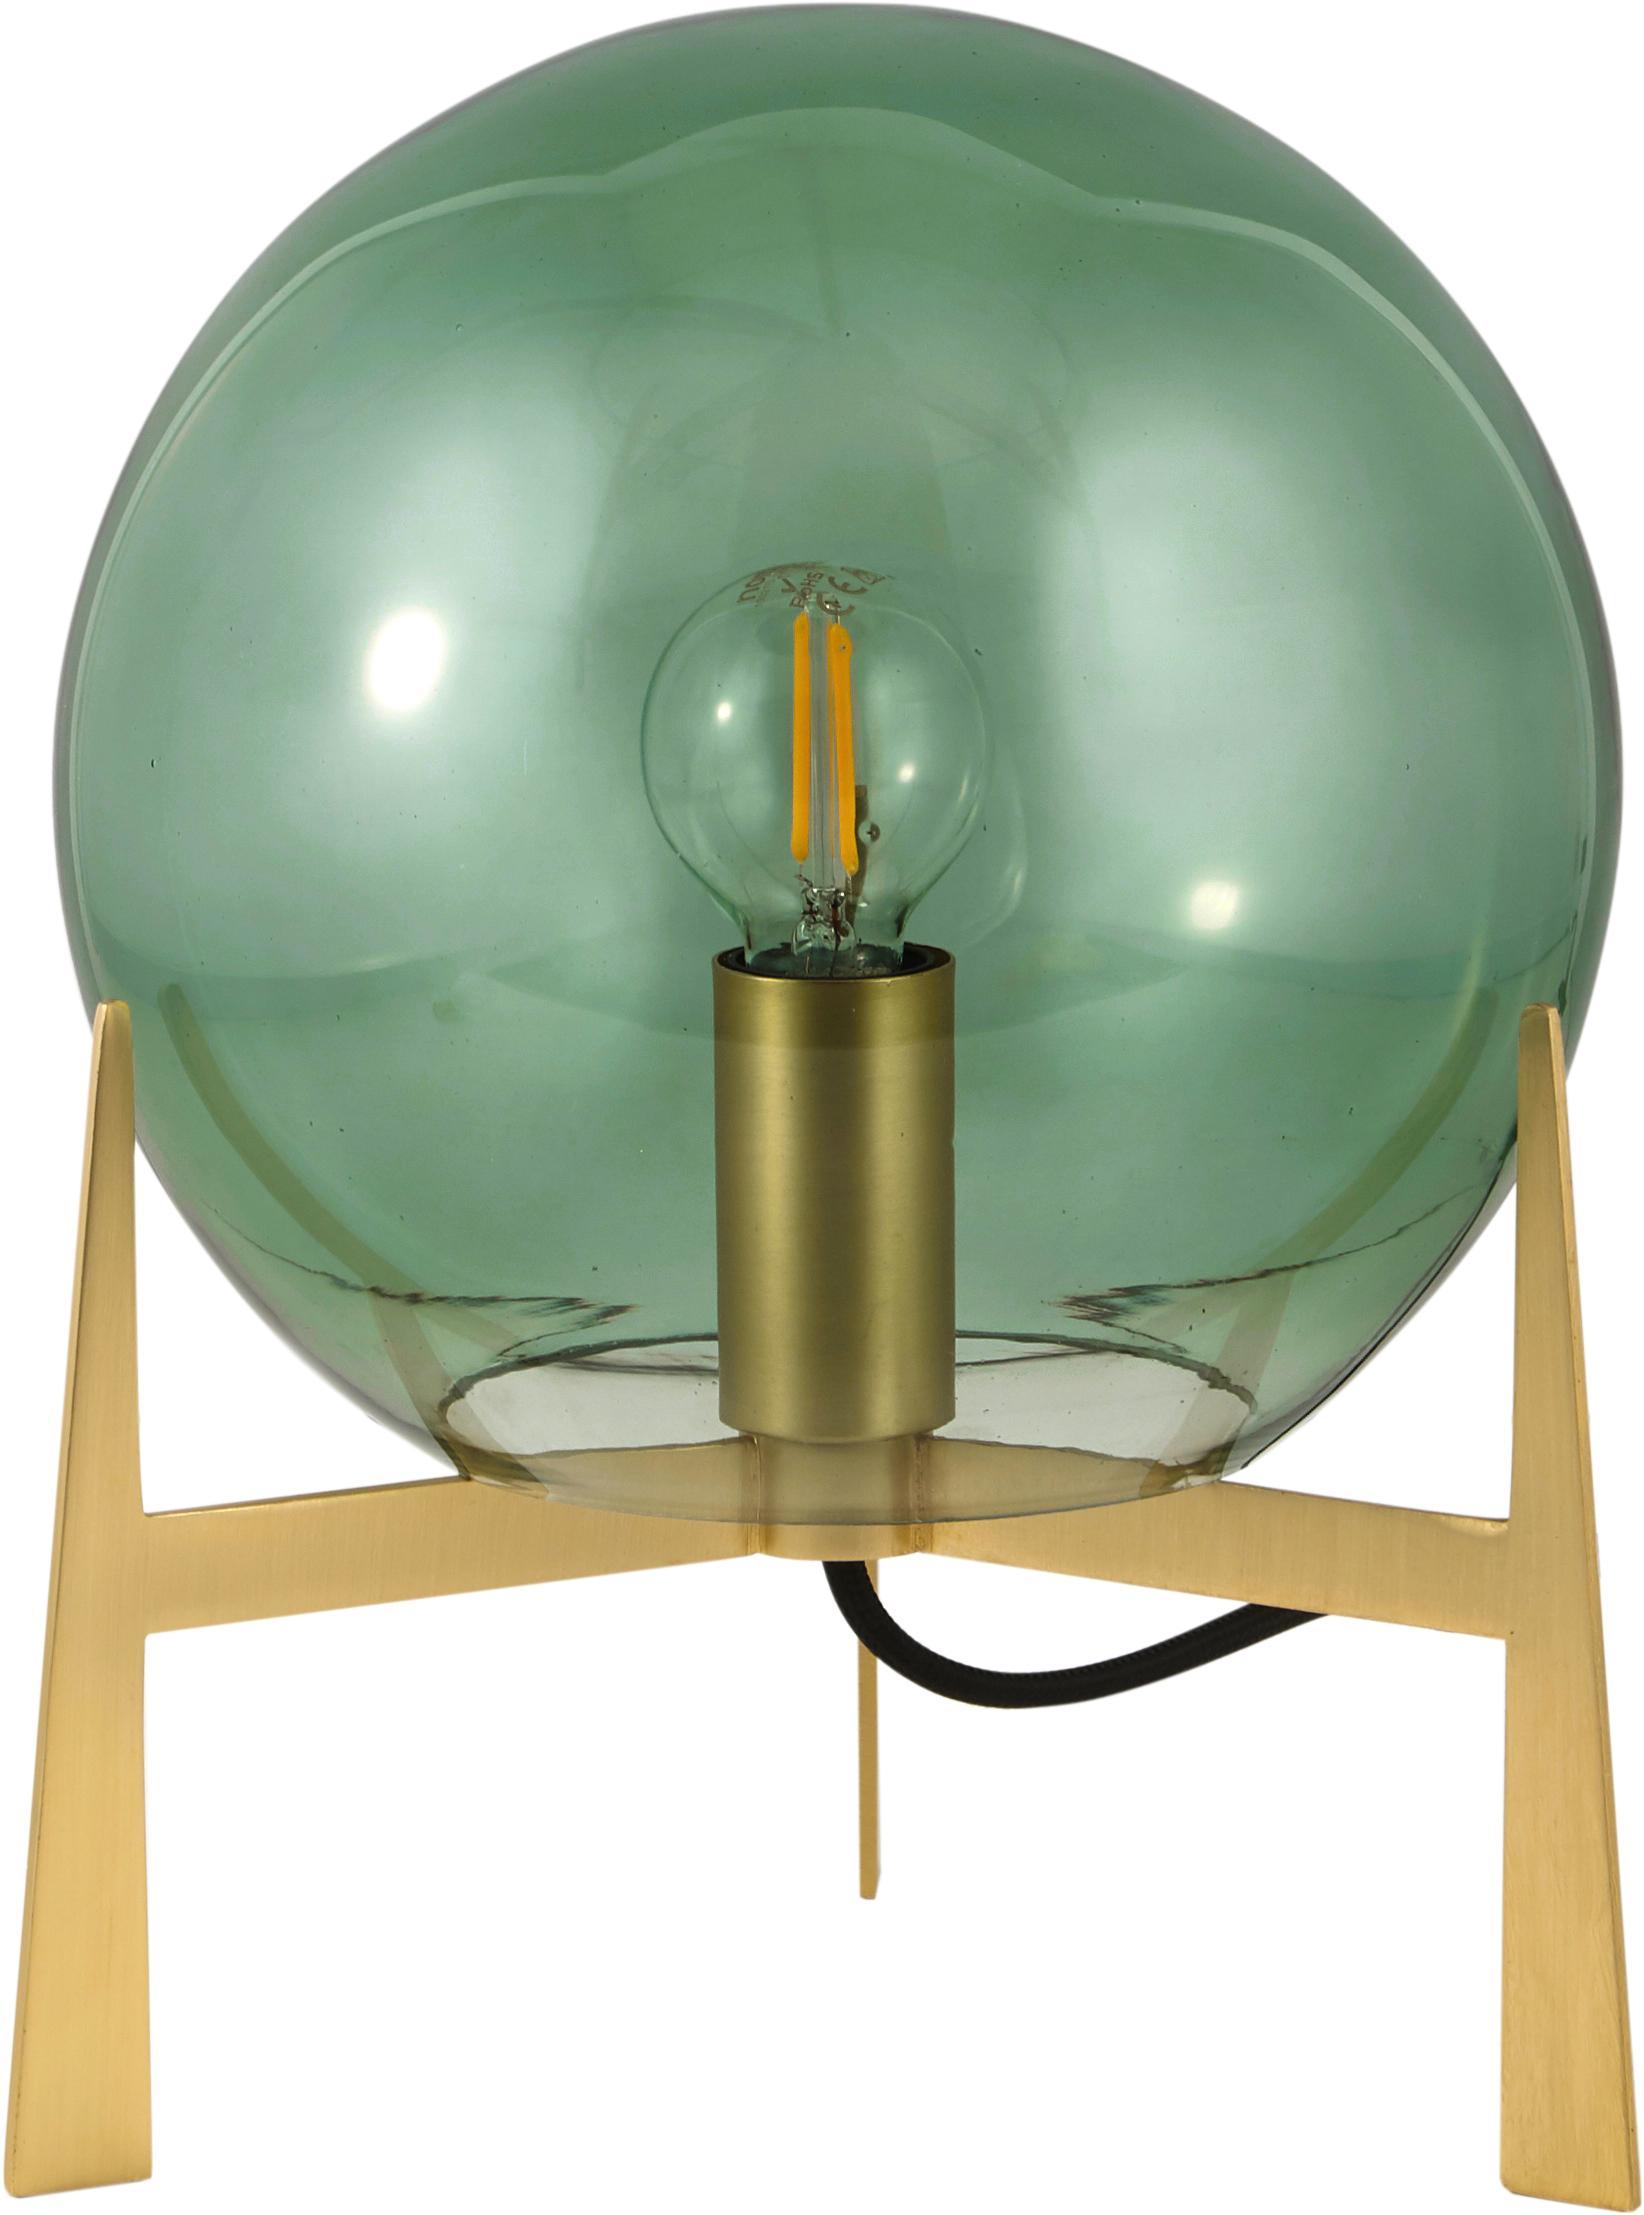 Tischleuchte Milla aus farbigem Glas, Lampenschirm: Glas, Lampenfuß: Messing, Grün, Messingfarben, Schwarz, Ø 22 x H 28 cm